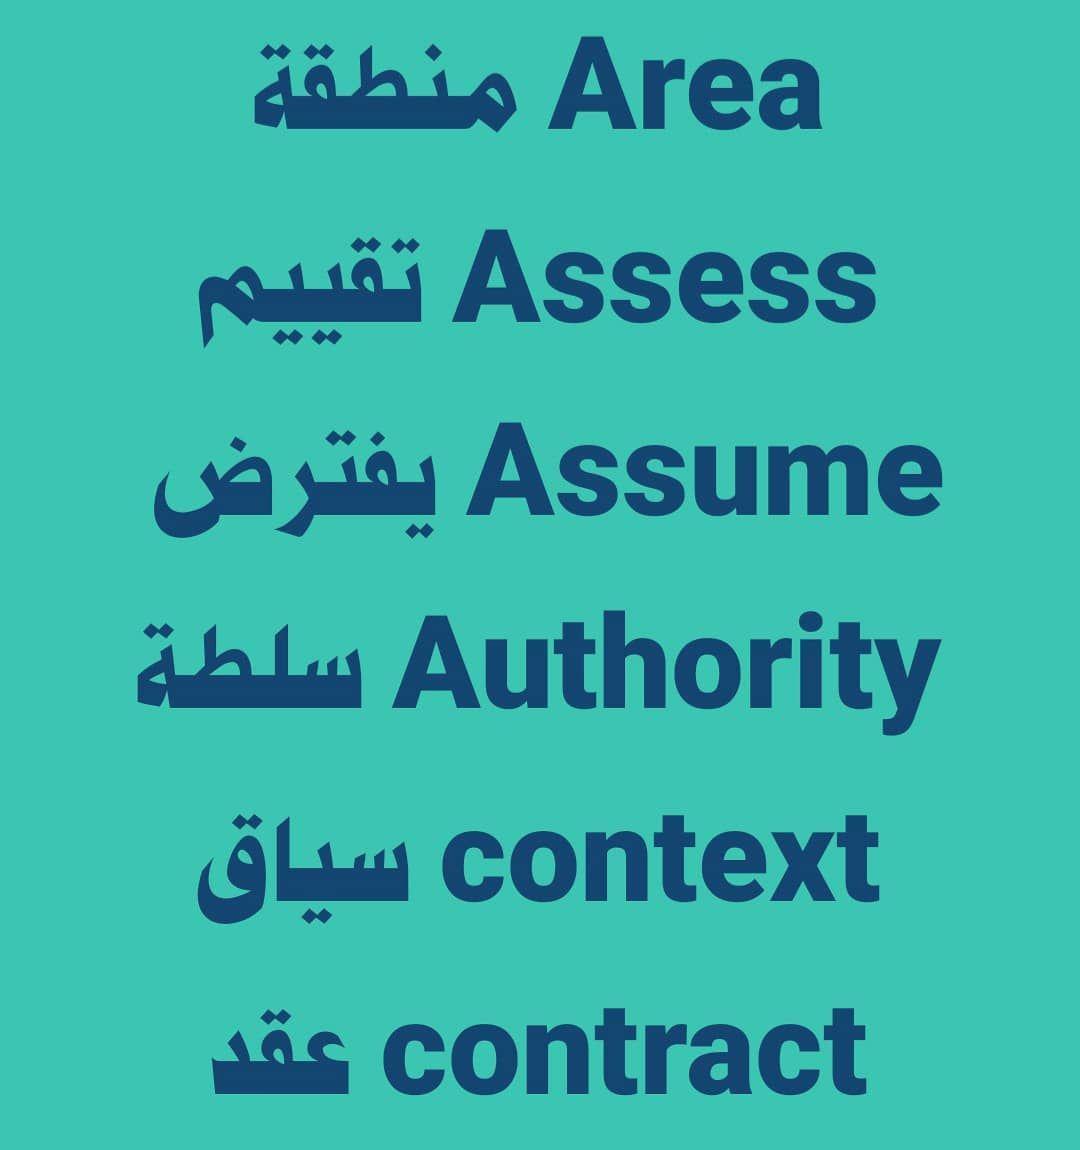 مرحبا بك لتعلم اللغة الانجليزية كلمات مترجمة صور انجليزي لغة عربية لغة انجليزية محتوى متنوع اقتباسات إنجليزية أخبار مترجمة Learn English Learning English